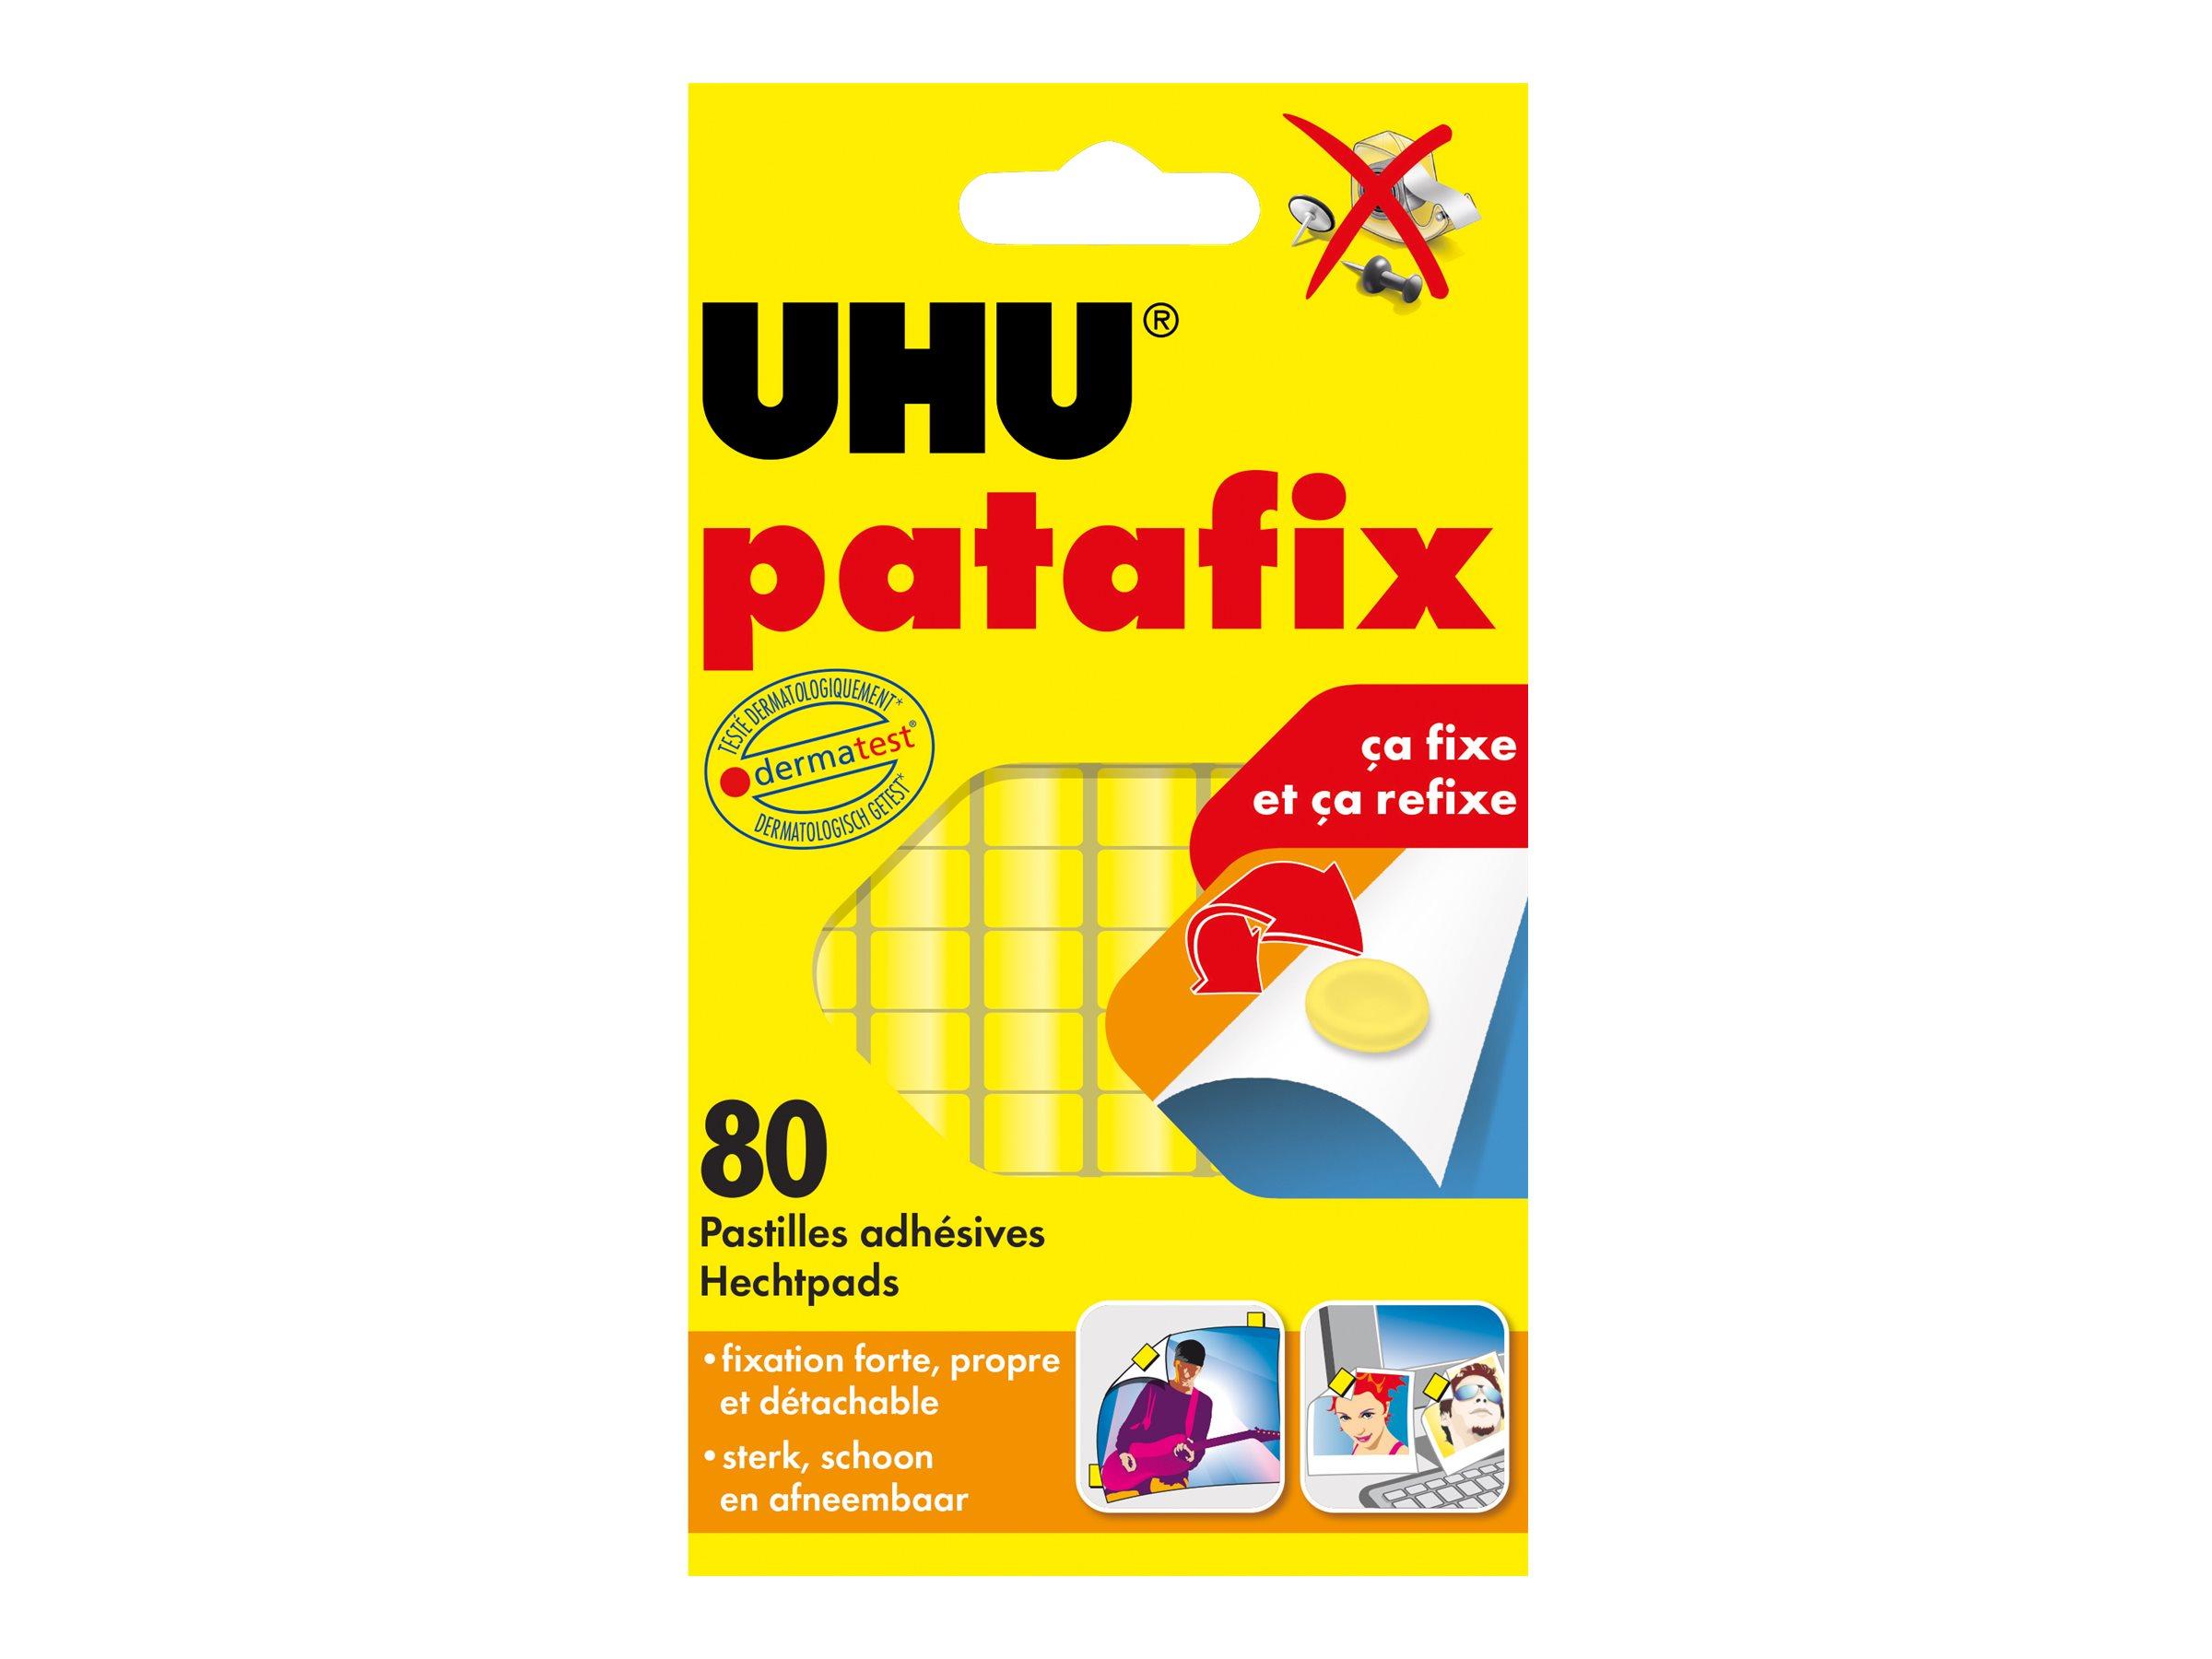 UHU patafix - pate adhésive - jaune - non permanent (pack de 80)